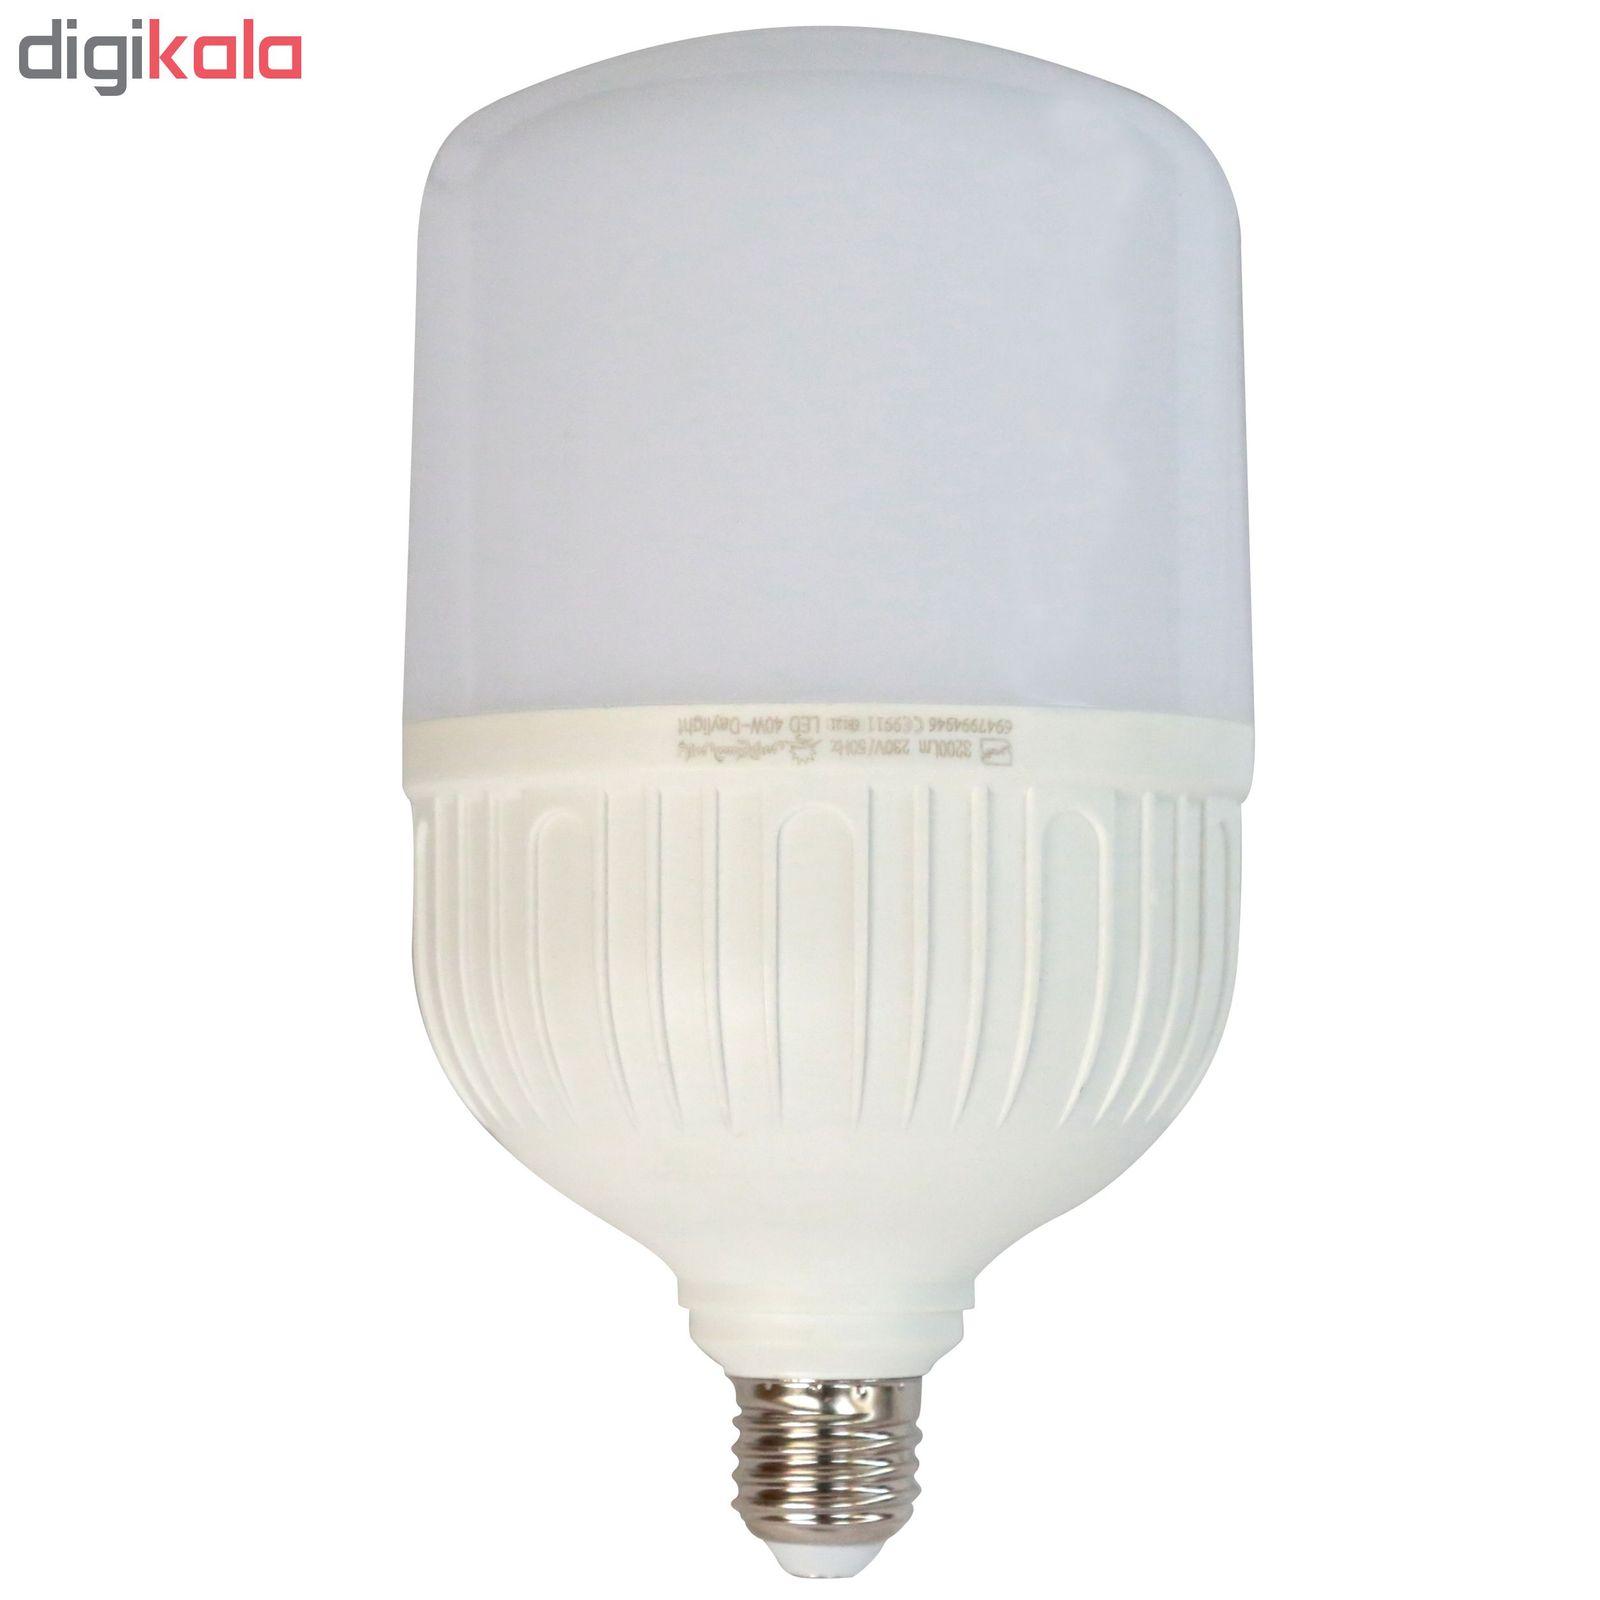 لامپ ال ای دی 40 وات پارس شعاع توس مدل CY40 پایه E27 main 1 3